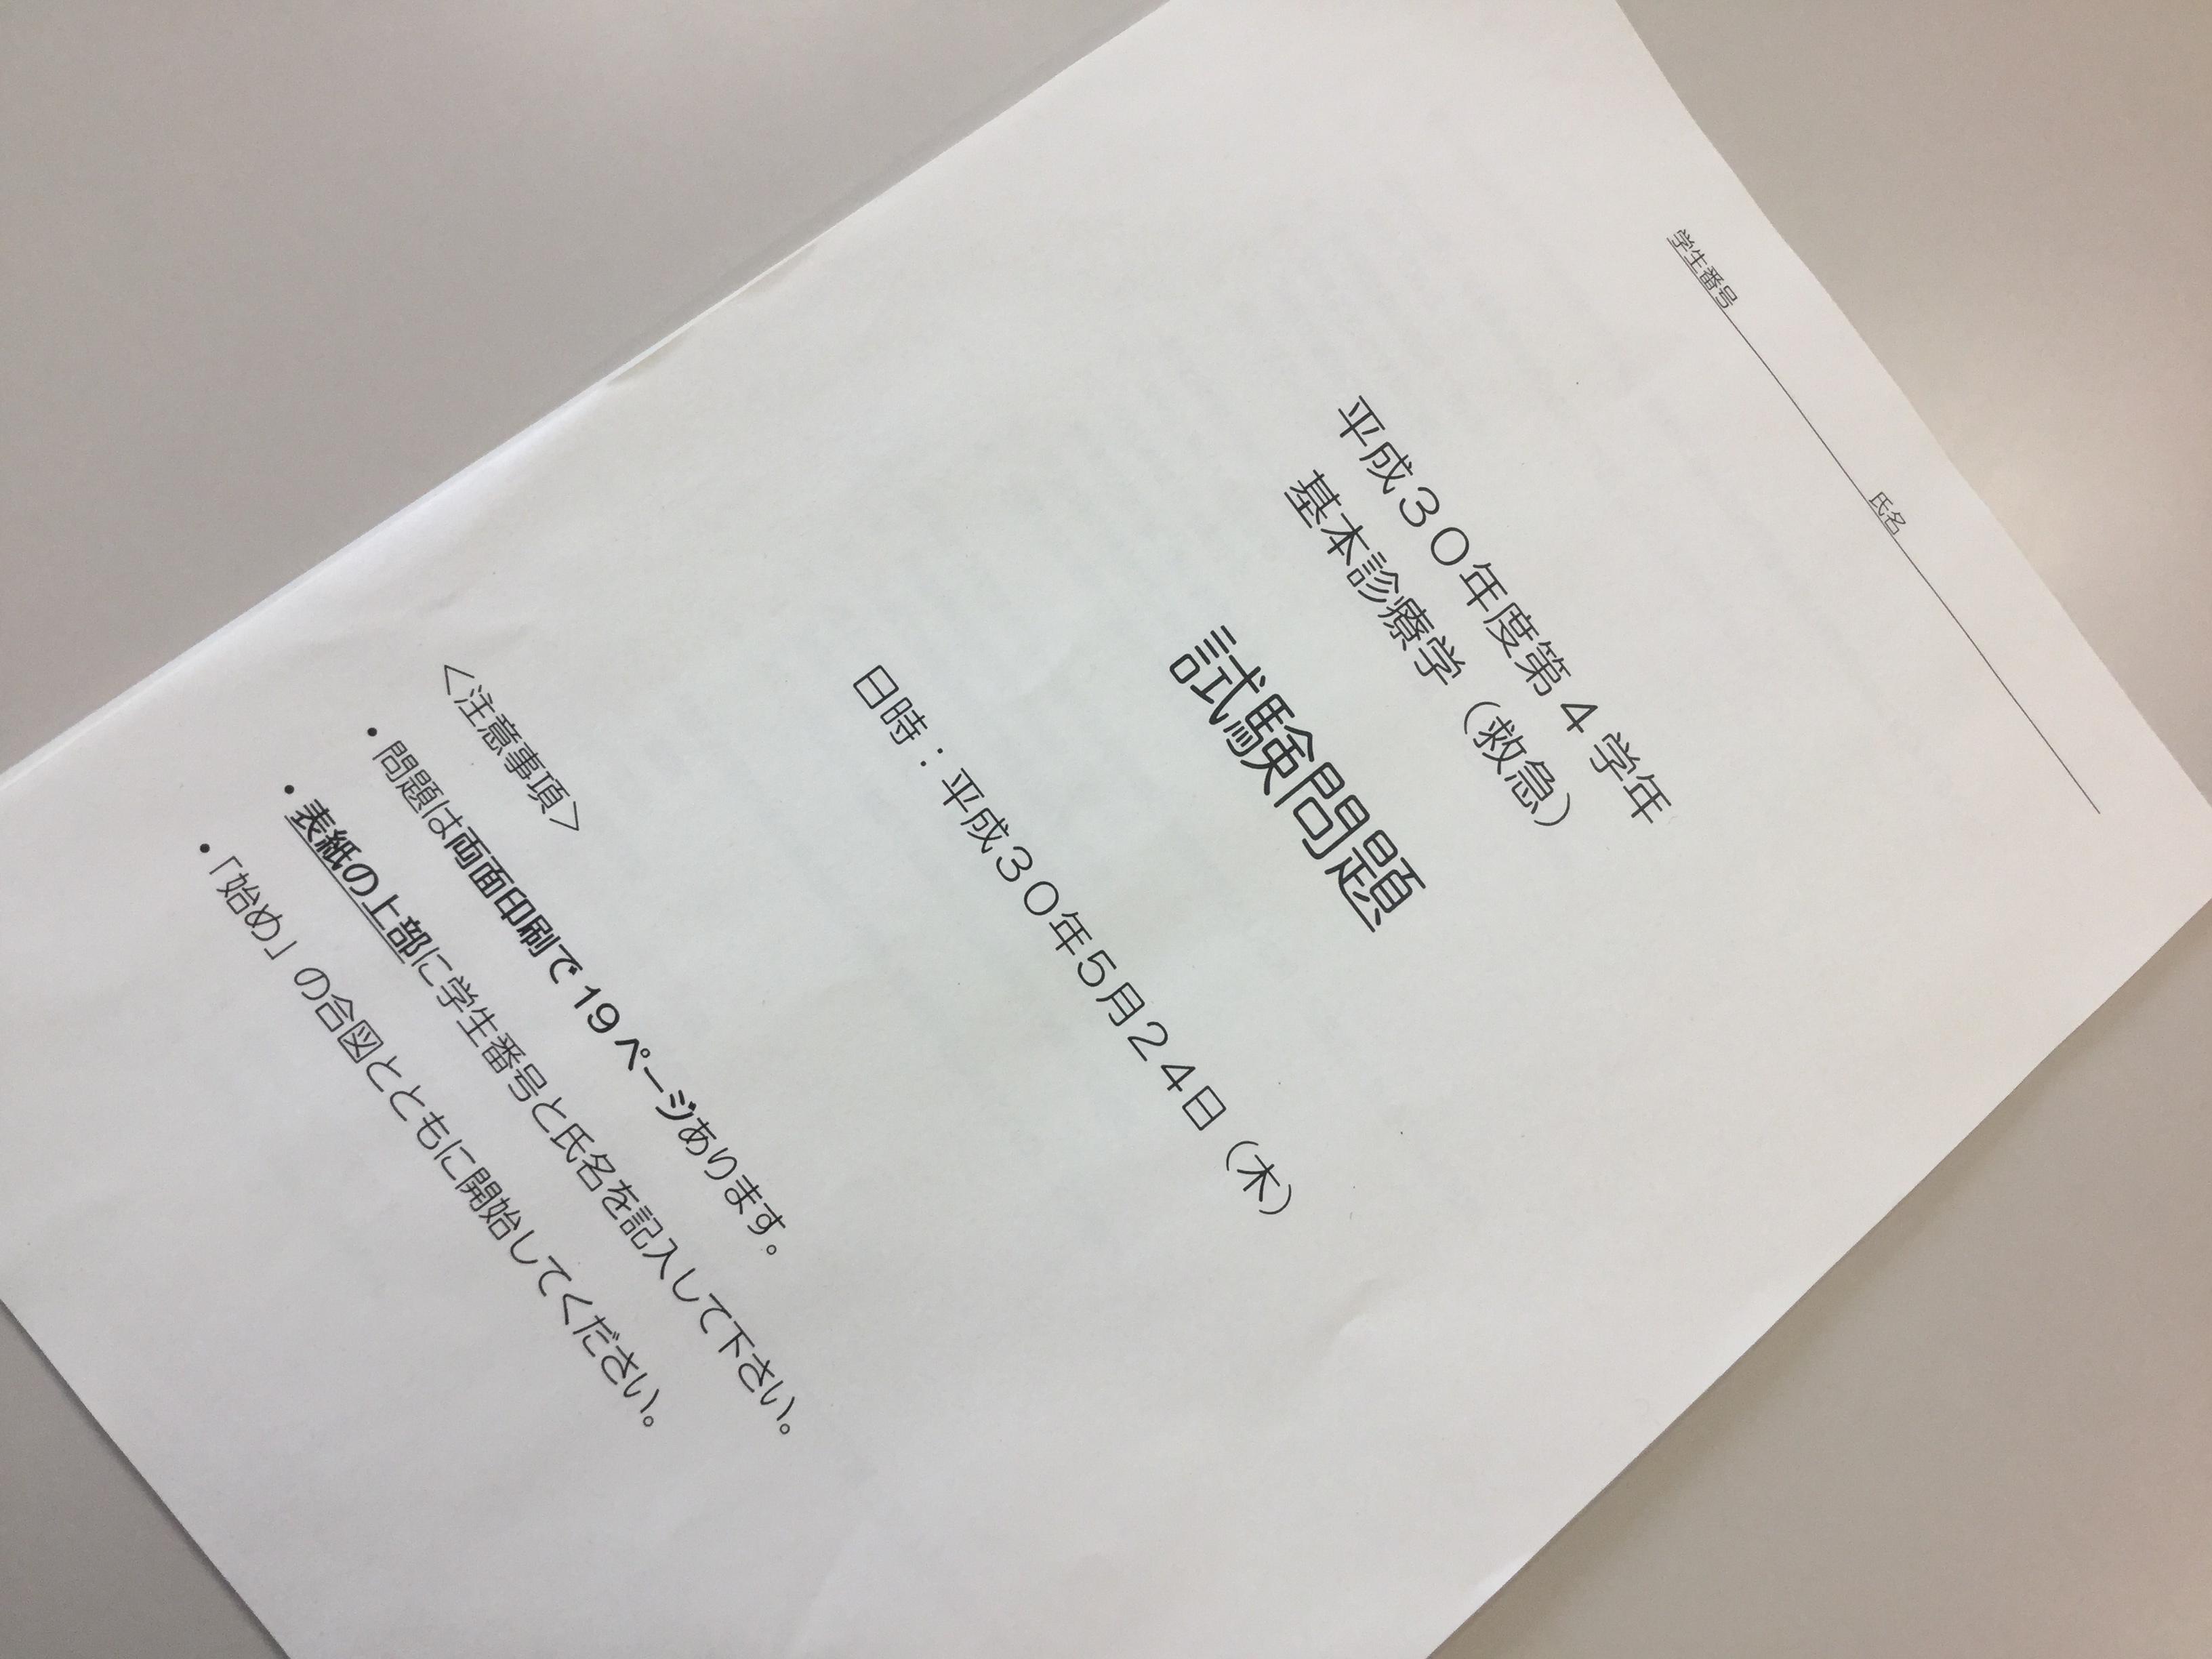 20180524試験問題表紙4年生